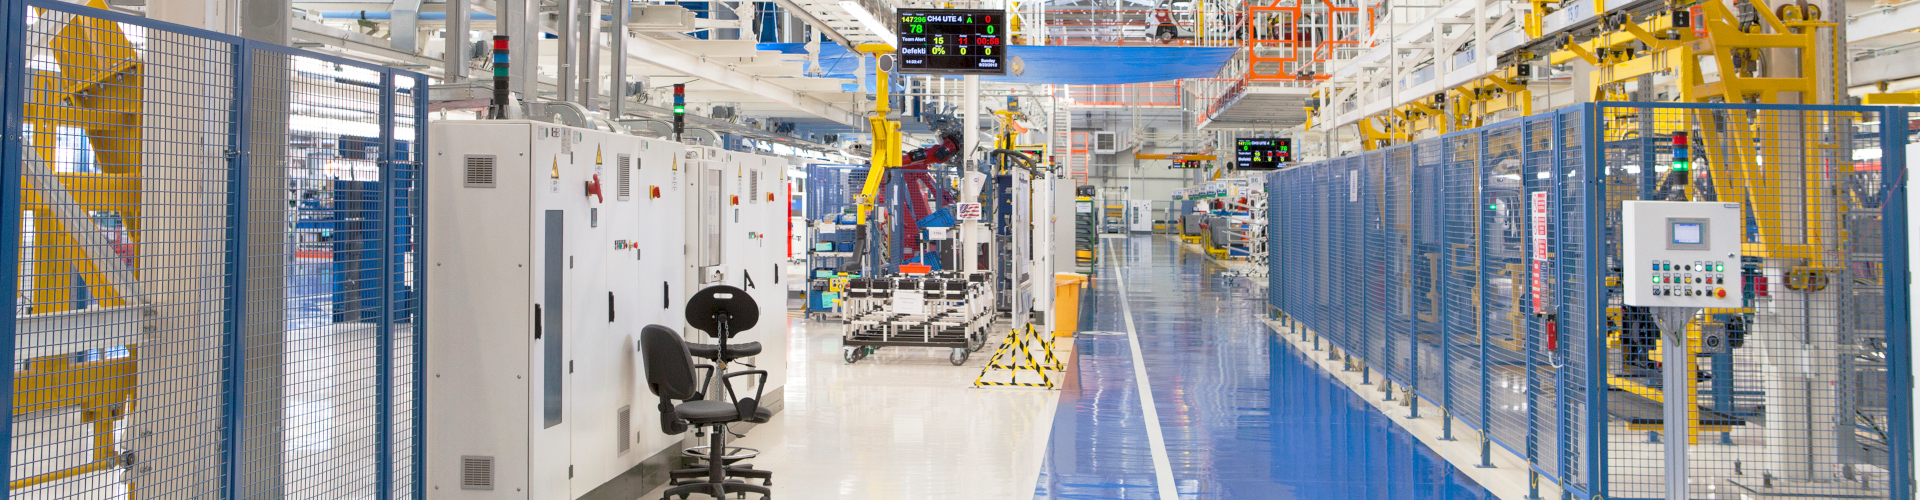 Großserien von Batteriepacks werden in industriell in Frabriken hergestellt.